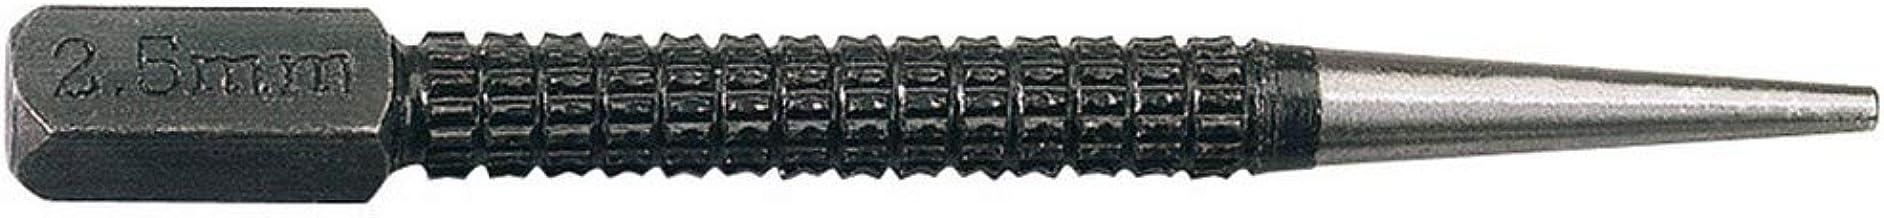 Draper 84498 100 mm koppad spikuppsättning, 2,5 mm spetsdiameter